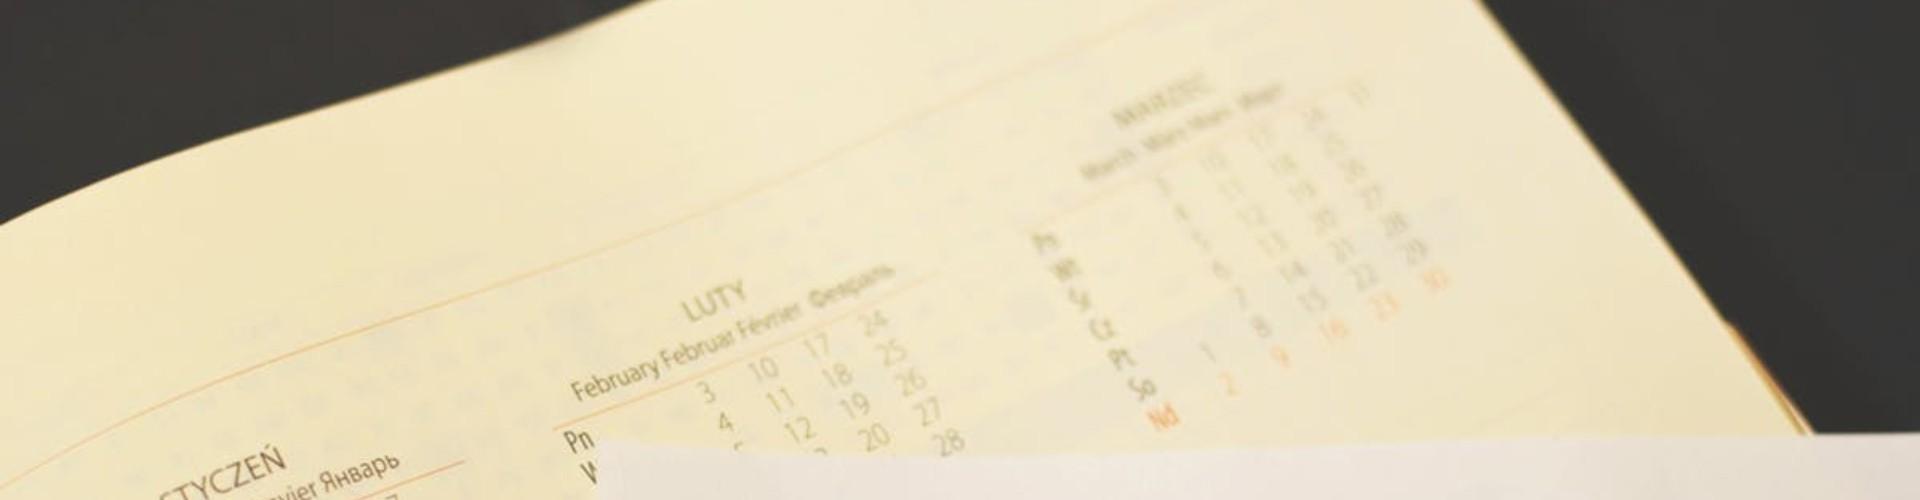 Ewidencja czasu pracy 2020 (wzór) - karta roczna i miesięczna